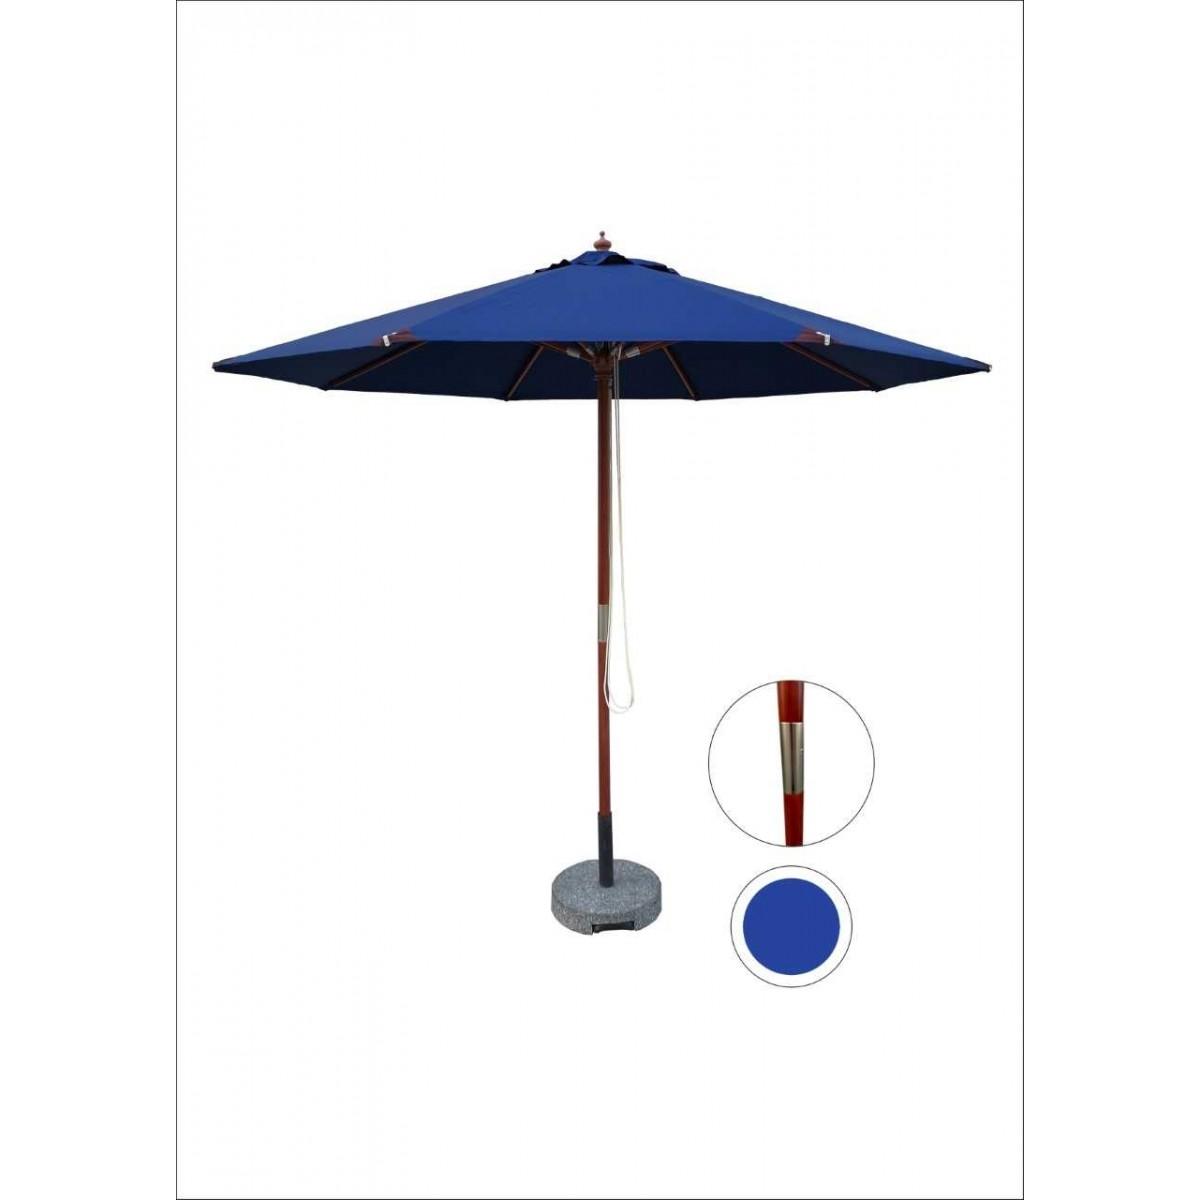 HOFFMANN Parasol nice Ø 3 - blå